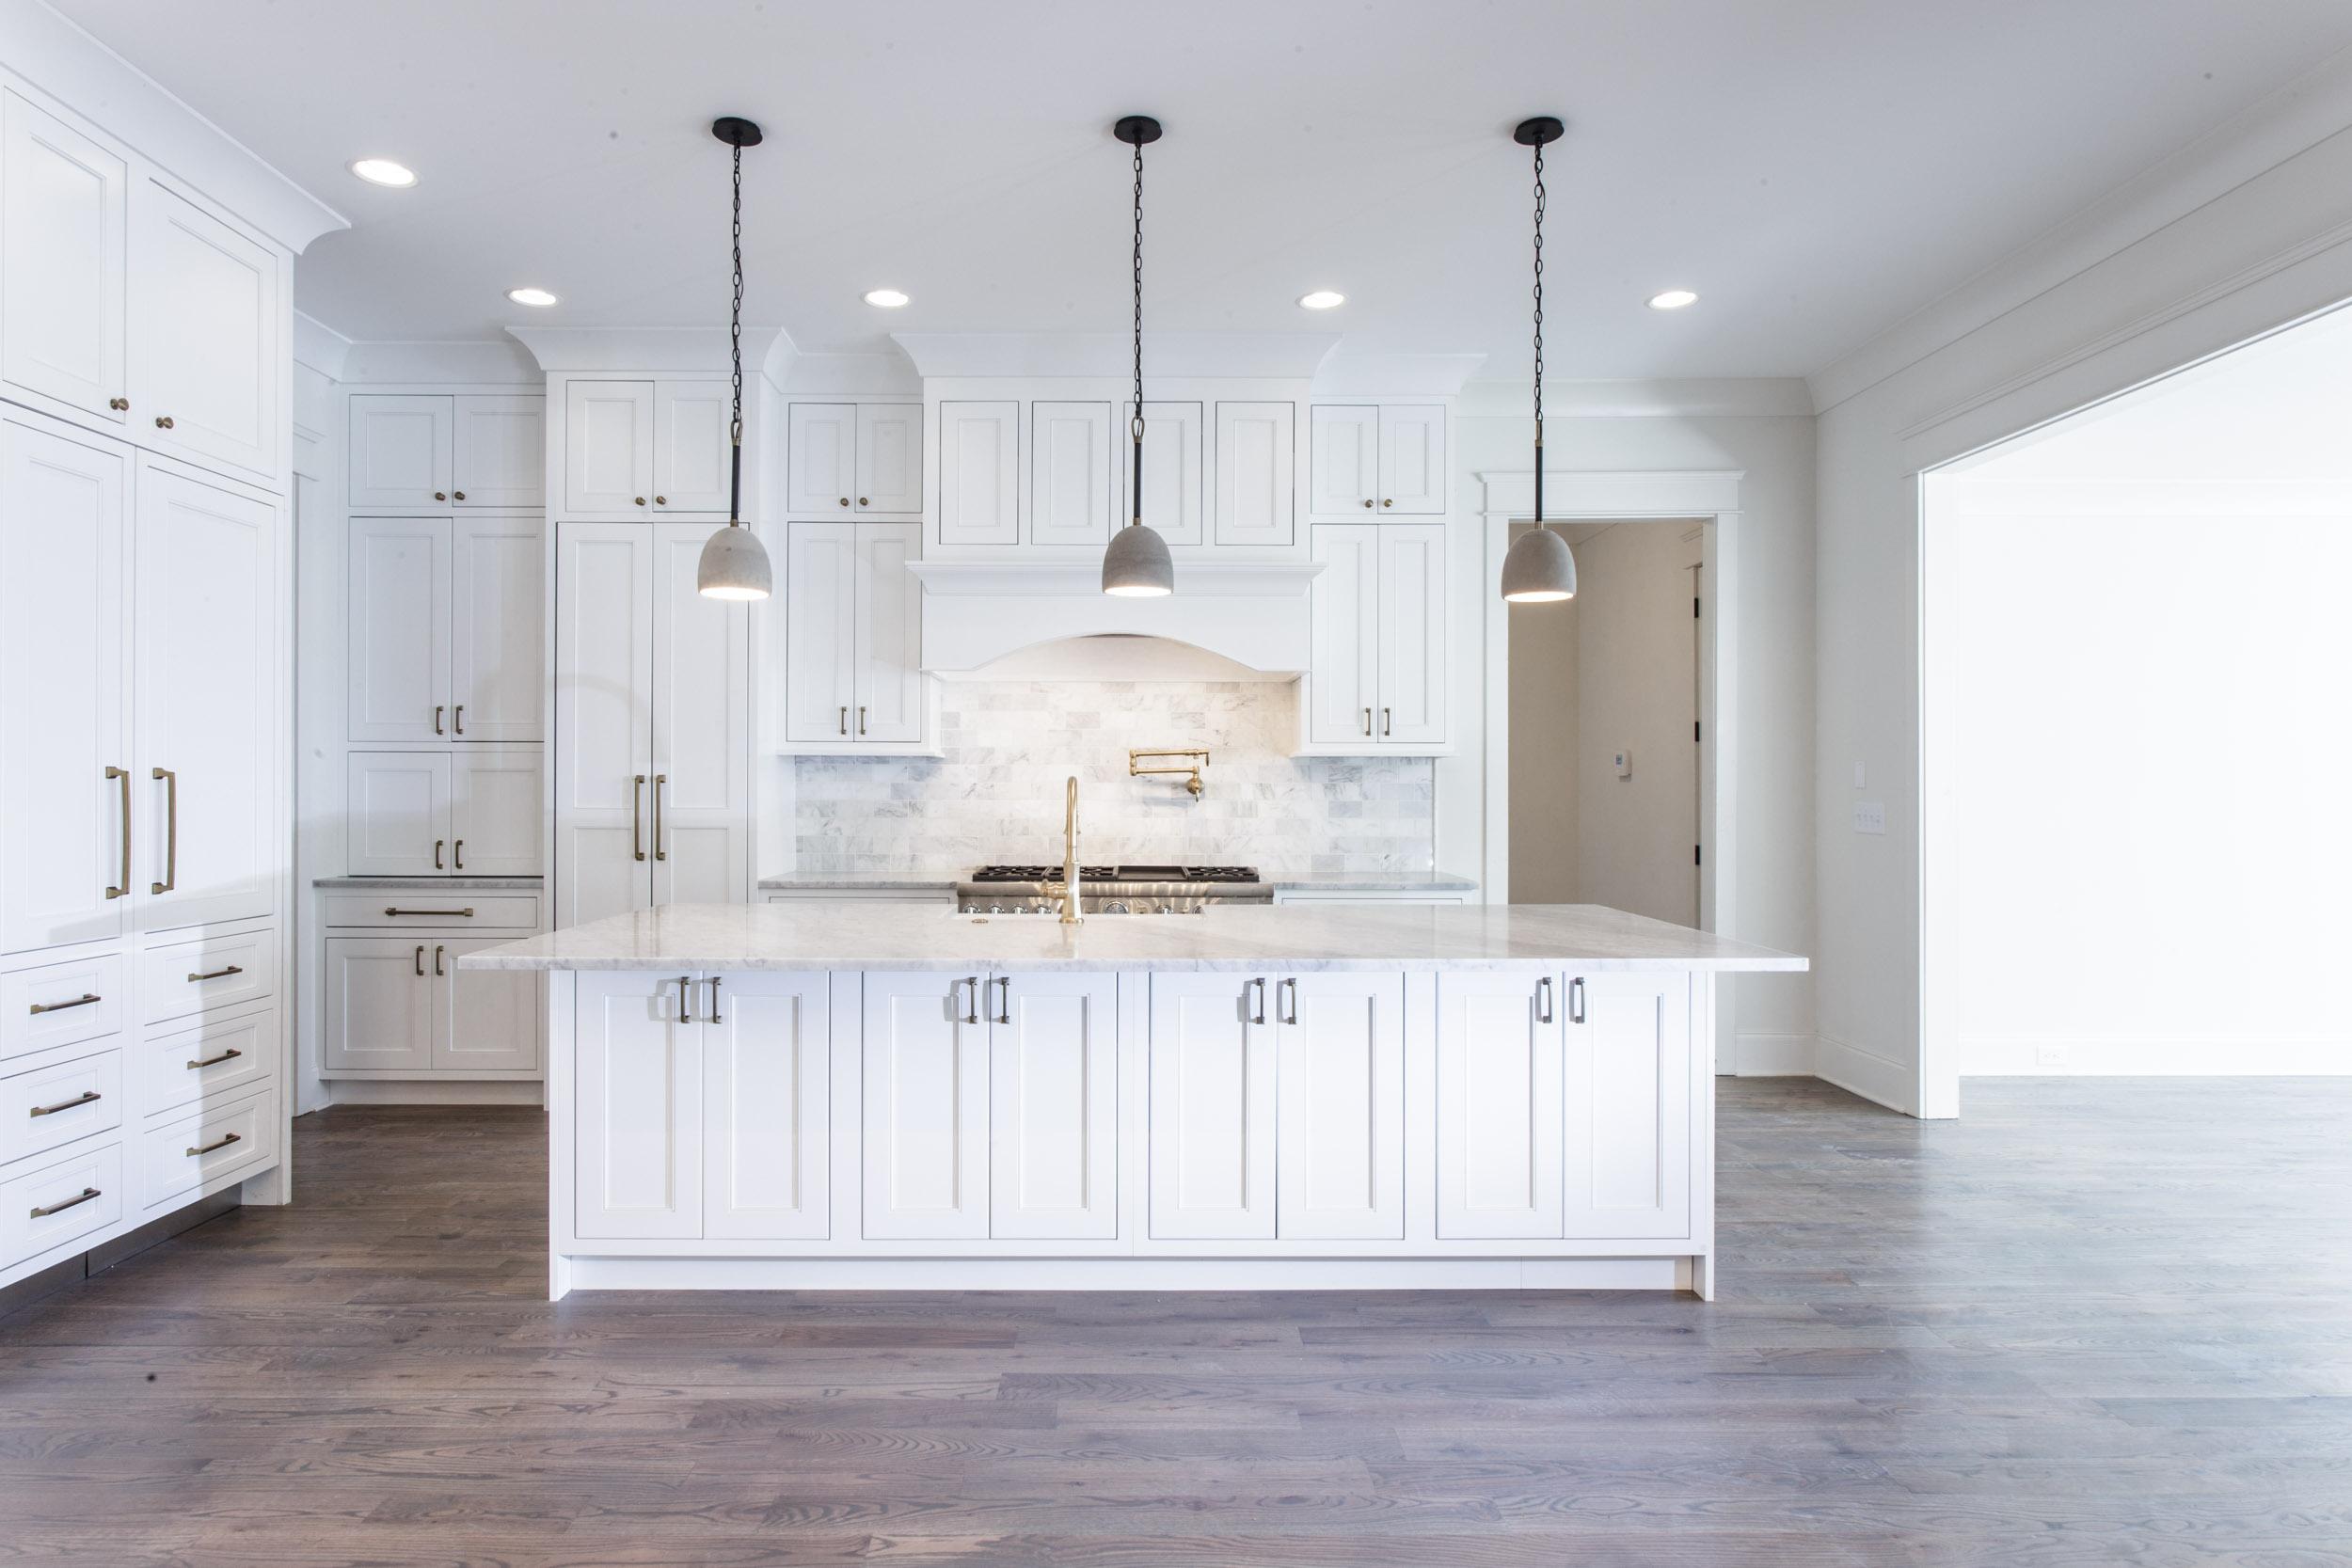 nashville-custom-home-belle-meade-real-estate-chandelier-development-4726.jpg